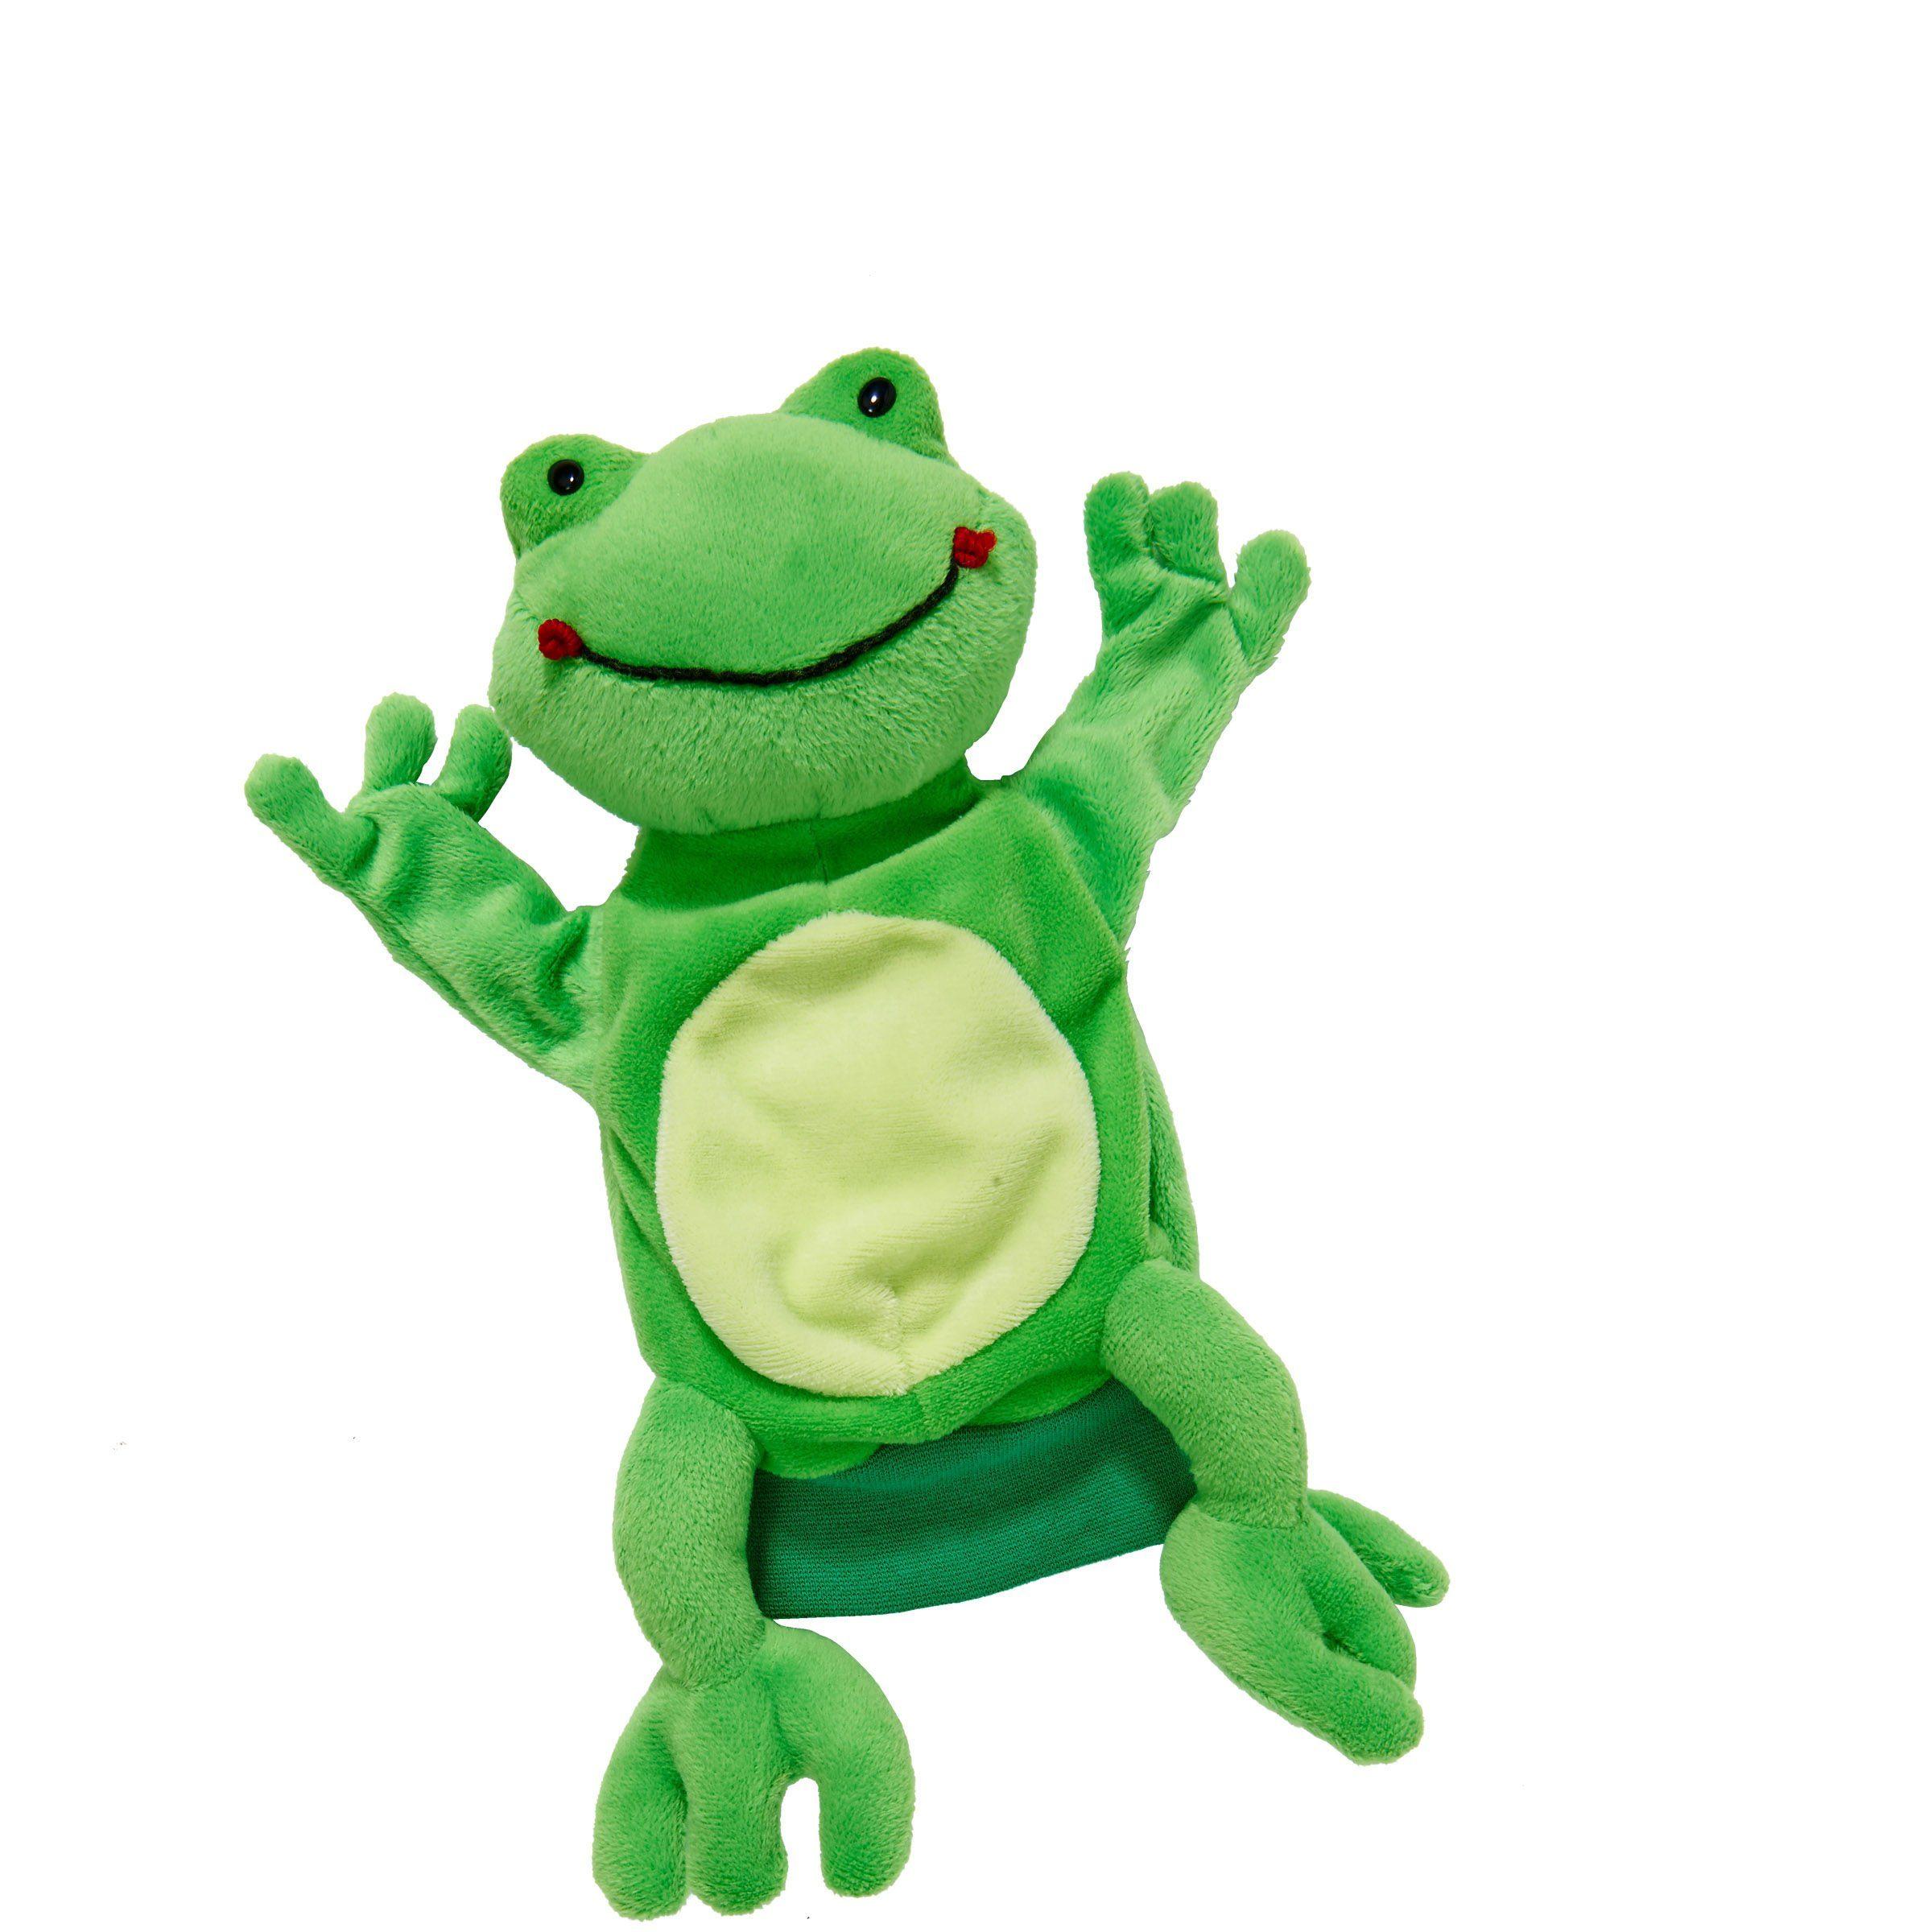 BUTLERS WILD GUYS »Handpuppe Frosch«